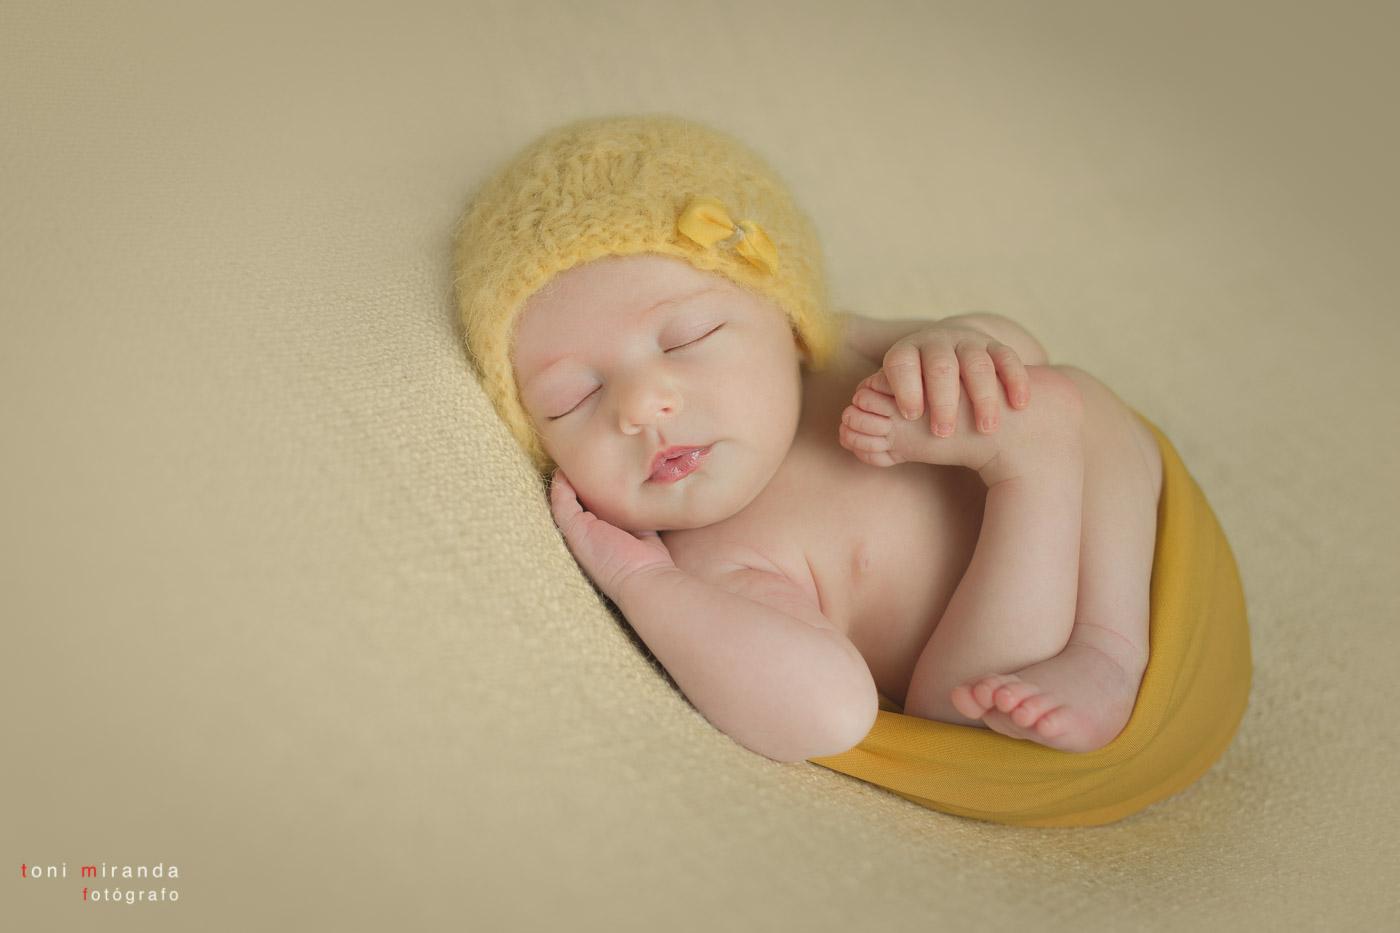 fotografia de bebe durmiendo con gorro de lana amarillo en estudio de alcoy en alicante